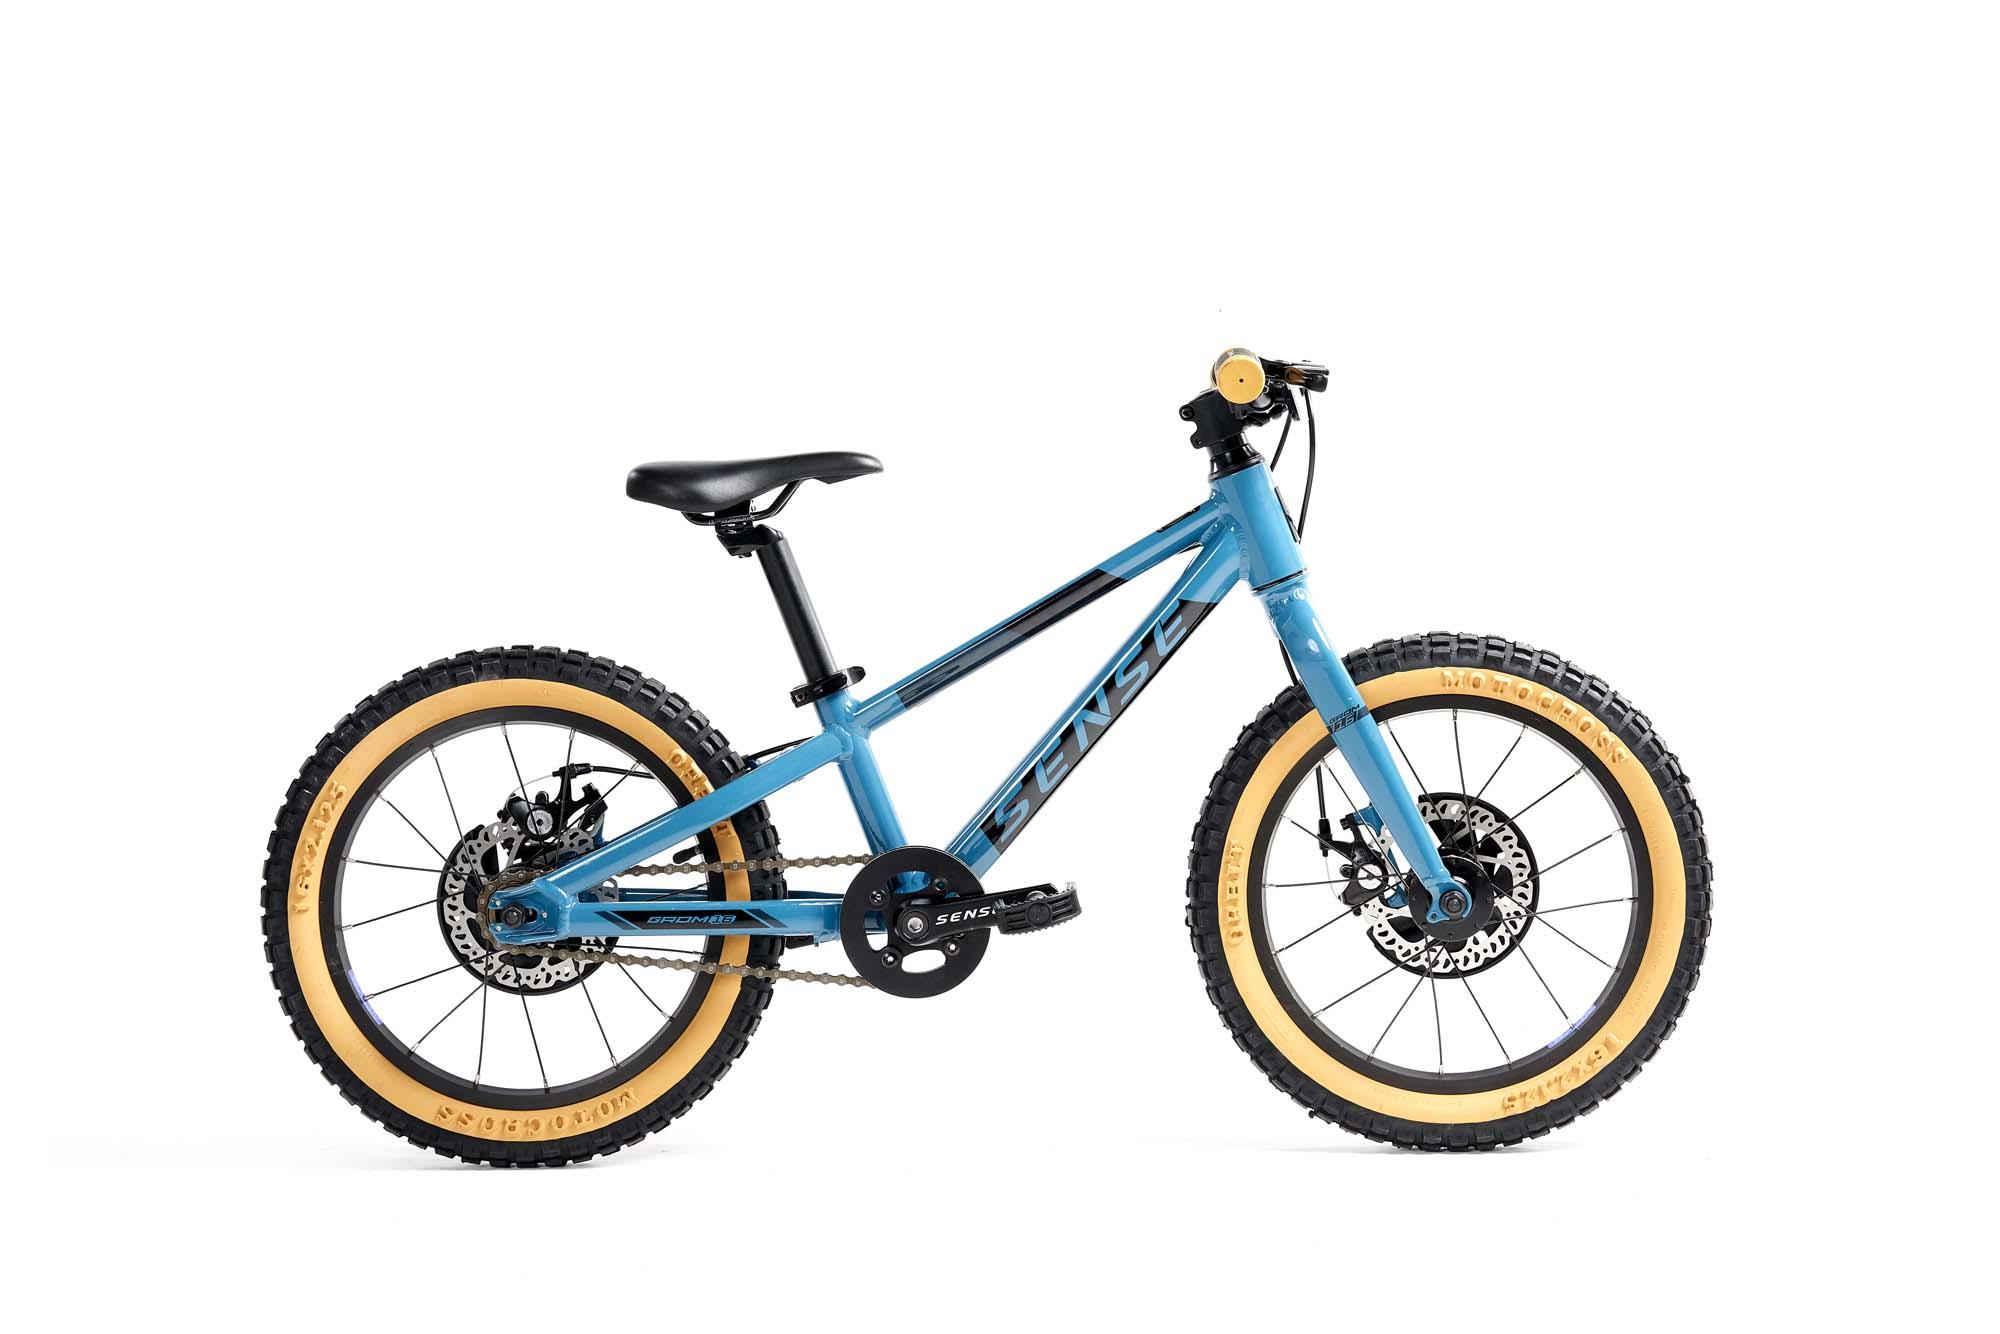 Bicicleta Sense Grom Aro 16